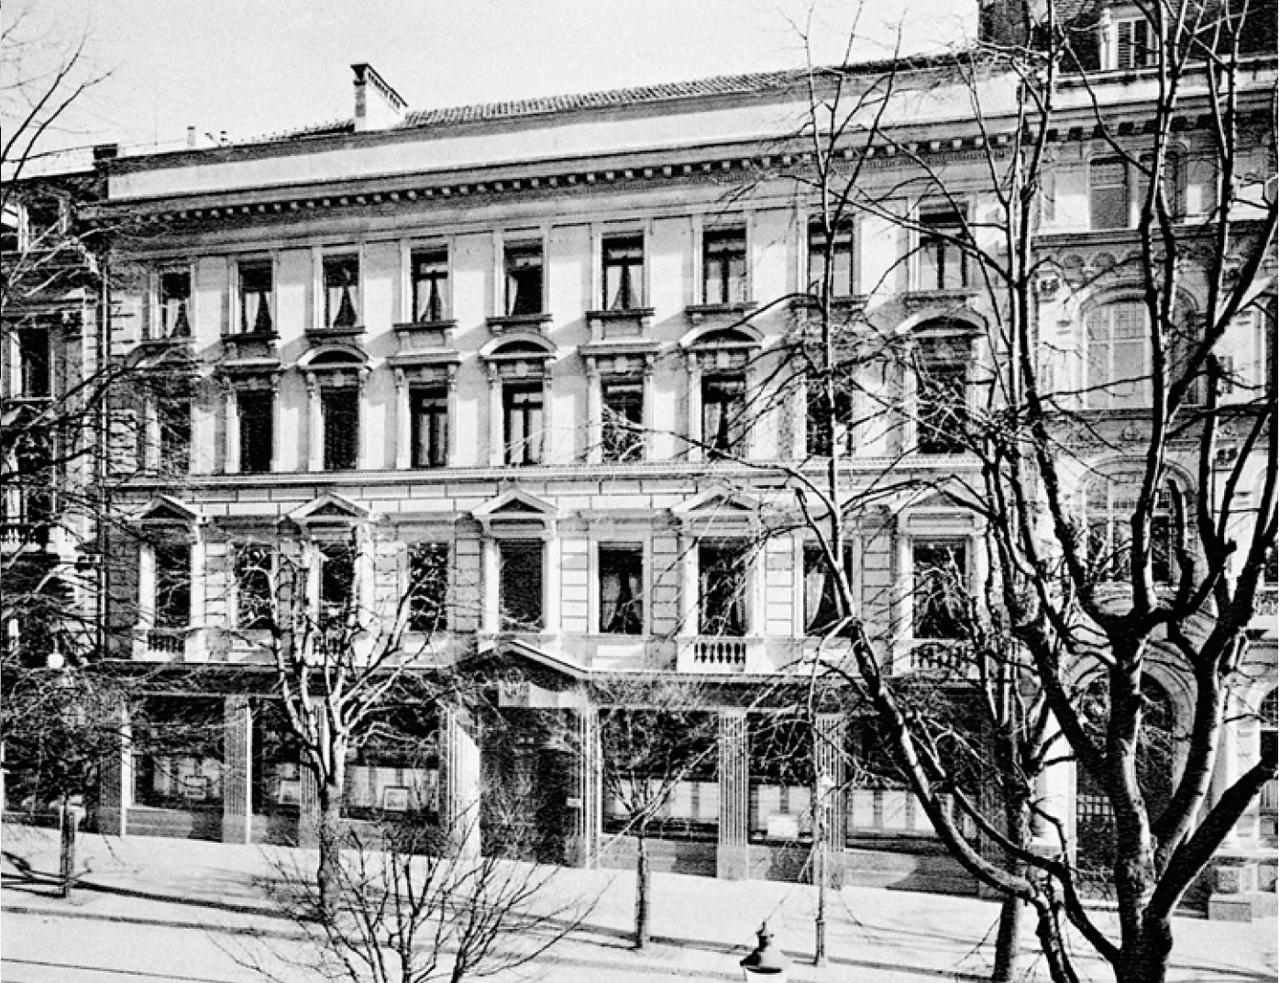 Ein Foto aus dem Jahr 1912 vom Gebäude des Schweizer Bankvereins an der Bahnhofstrasse 44 (Heute UBS AG).